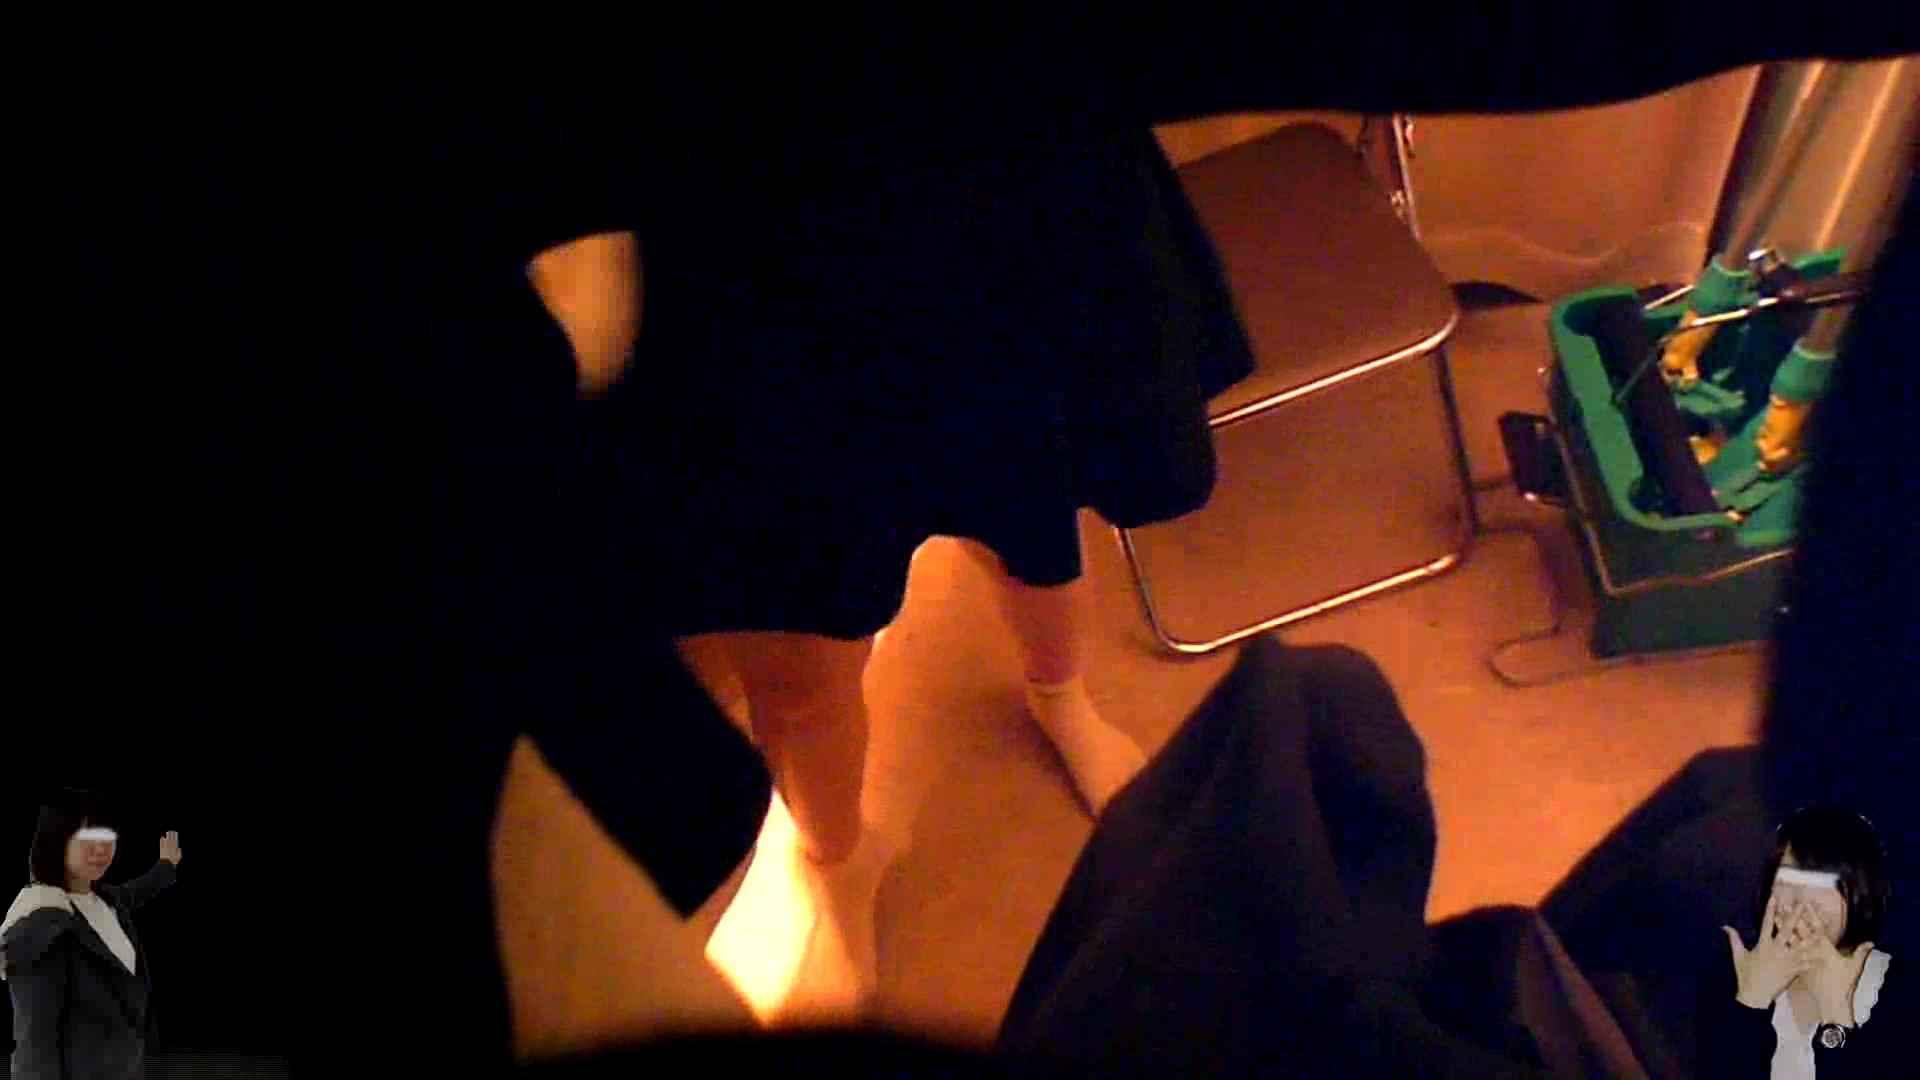 素人投稿 現役「JD」Eちゃんの着替え Vol.04 着替え おまんこ動画流出 107pic 7